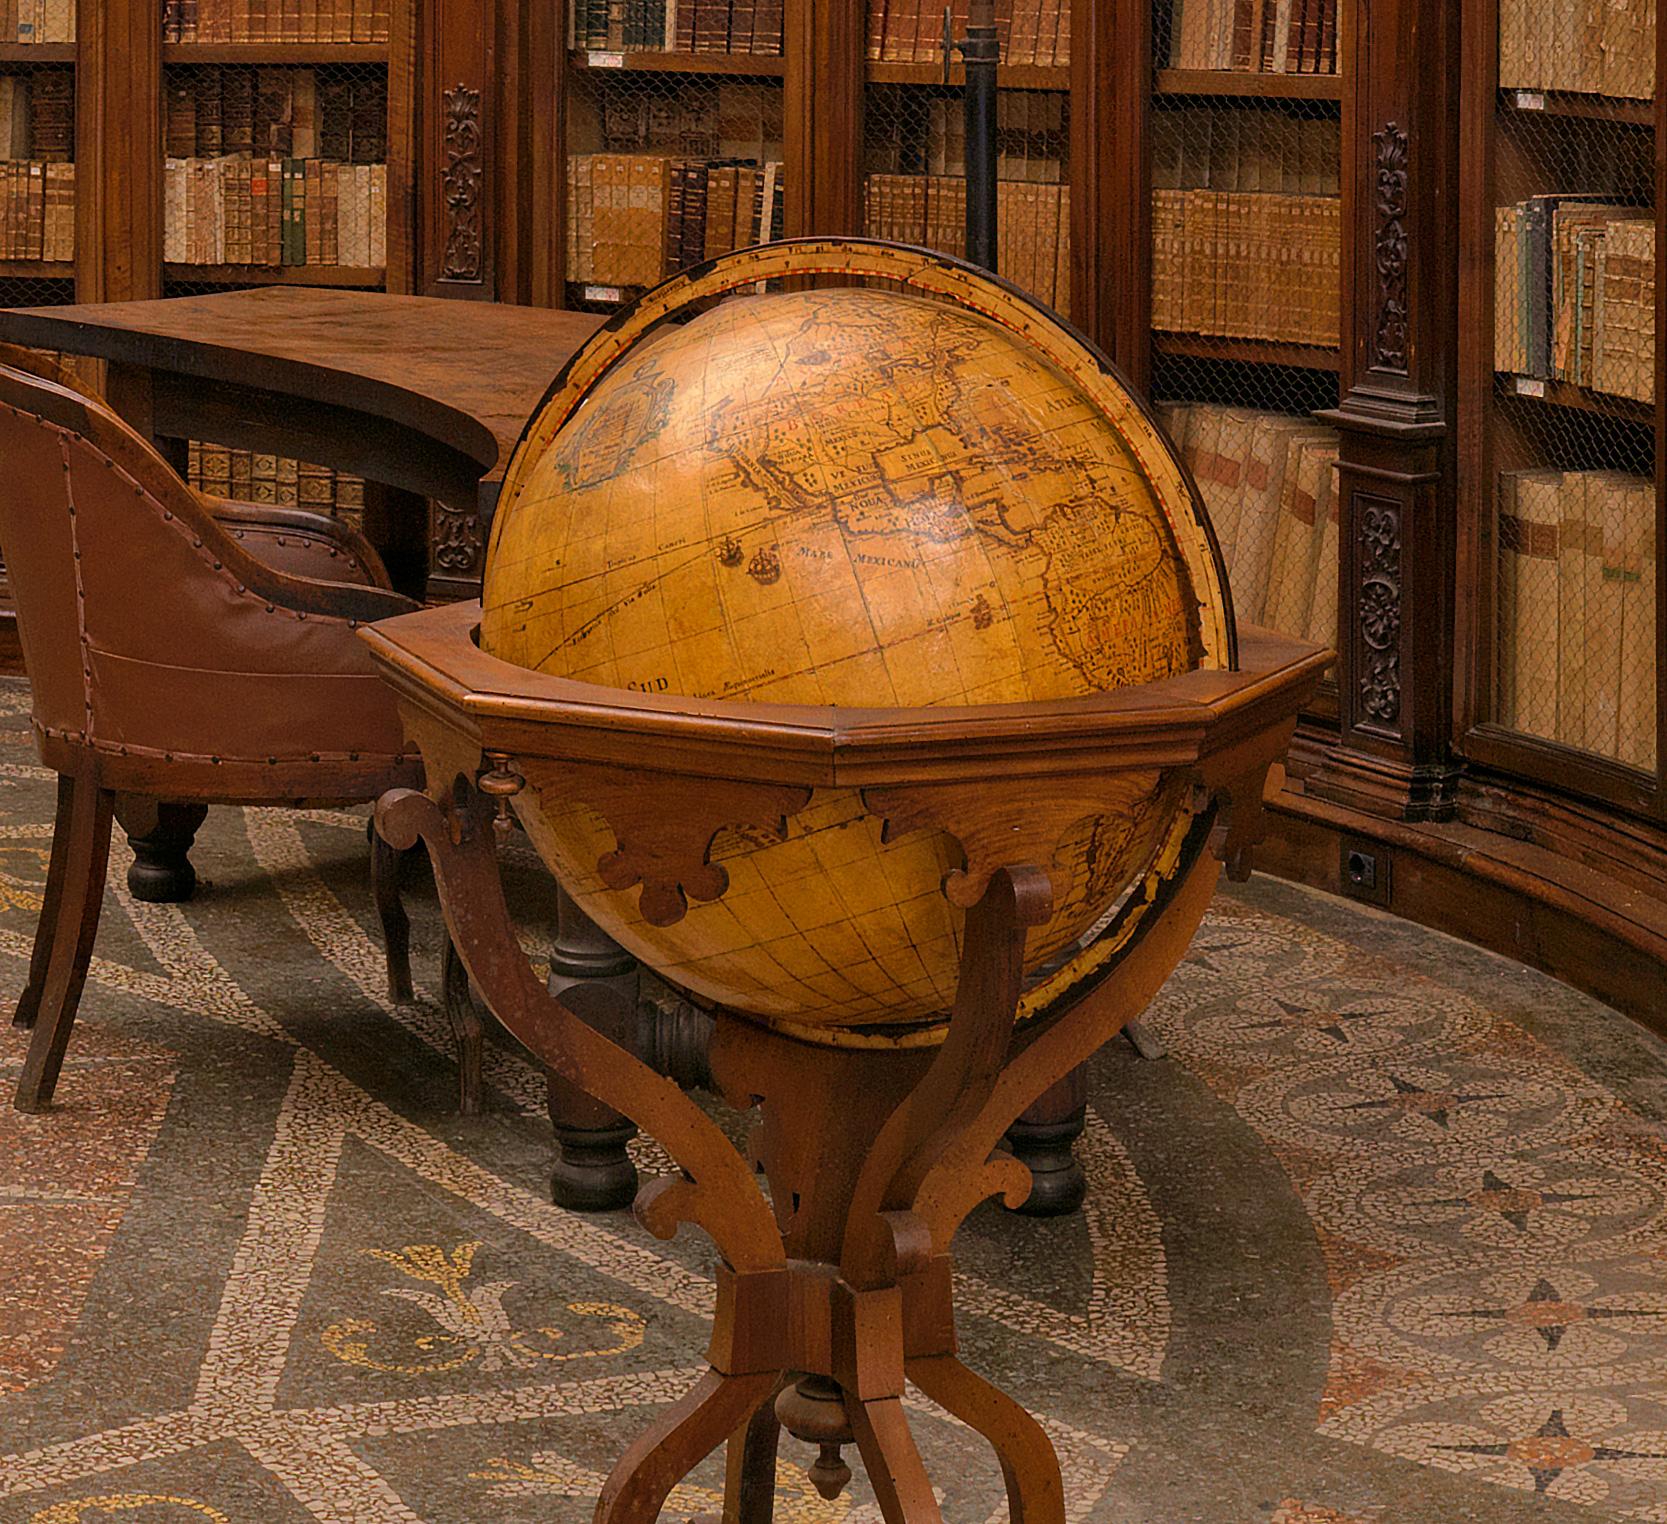 Medieval Library Globe detail 100% Crop by modator in Regular Member Gallery